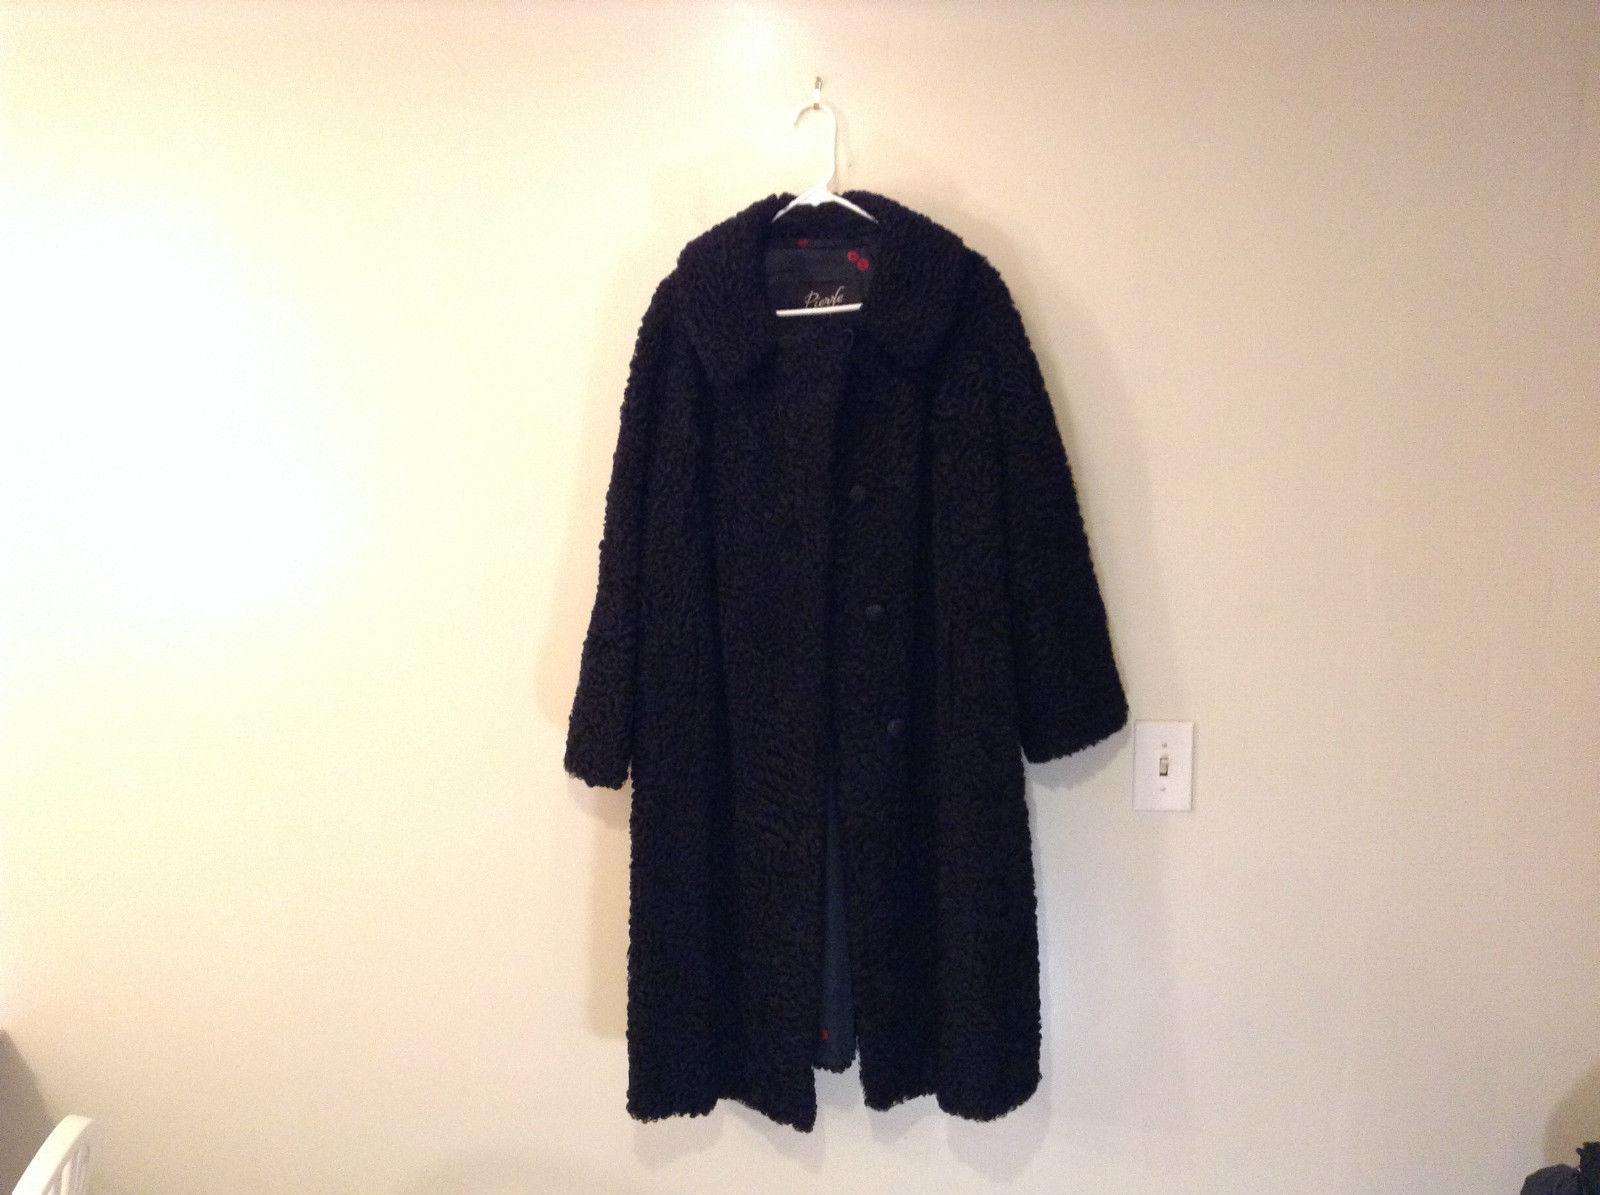 Black Persian Lamb Fur Coat by Pierre Furs No Size Tag Measurements Below